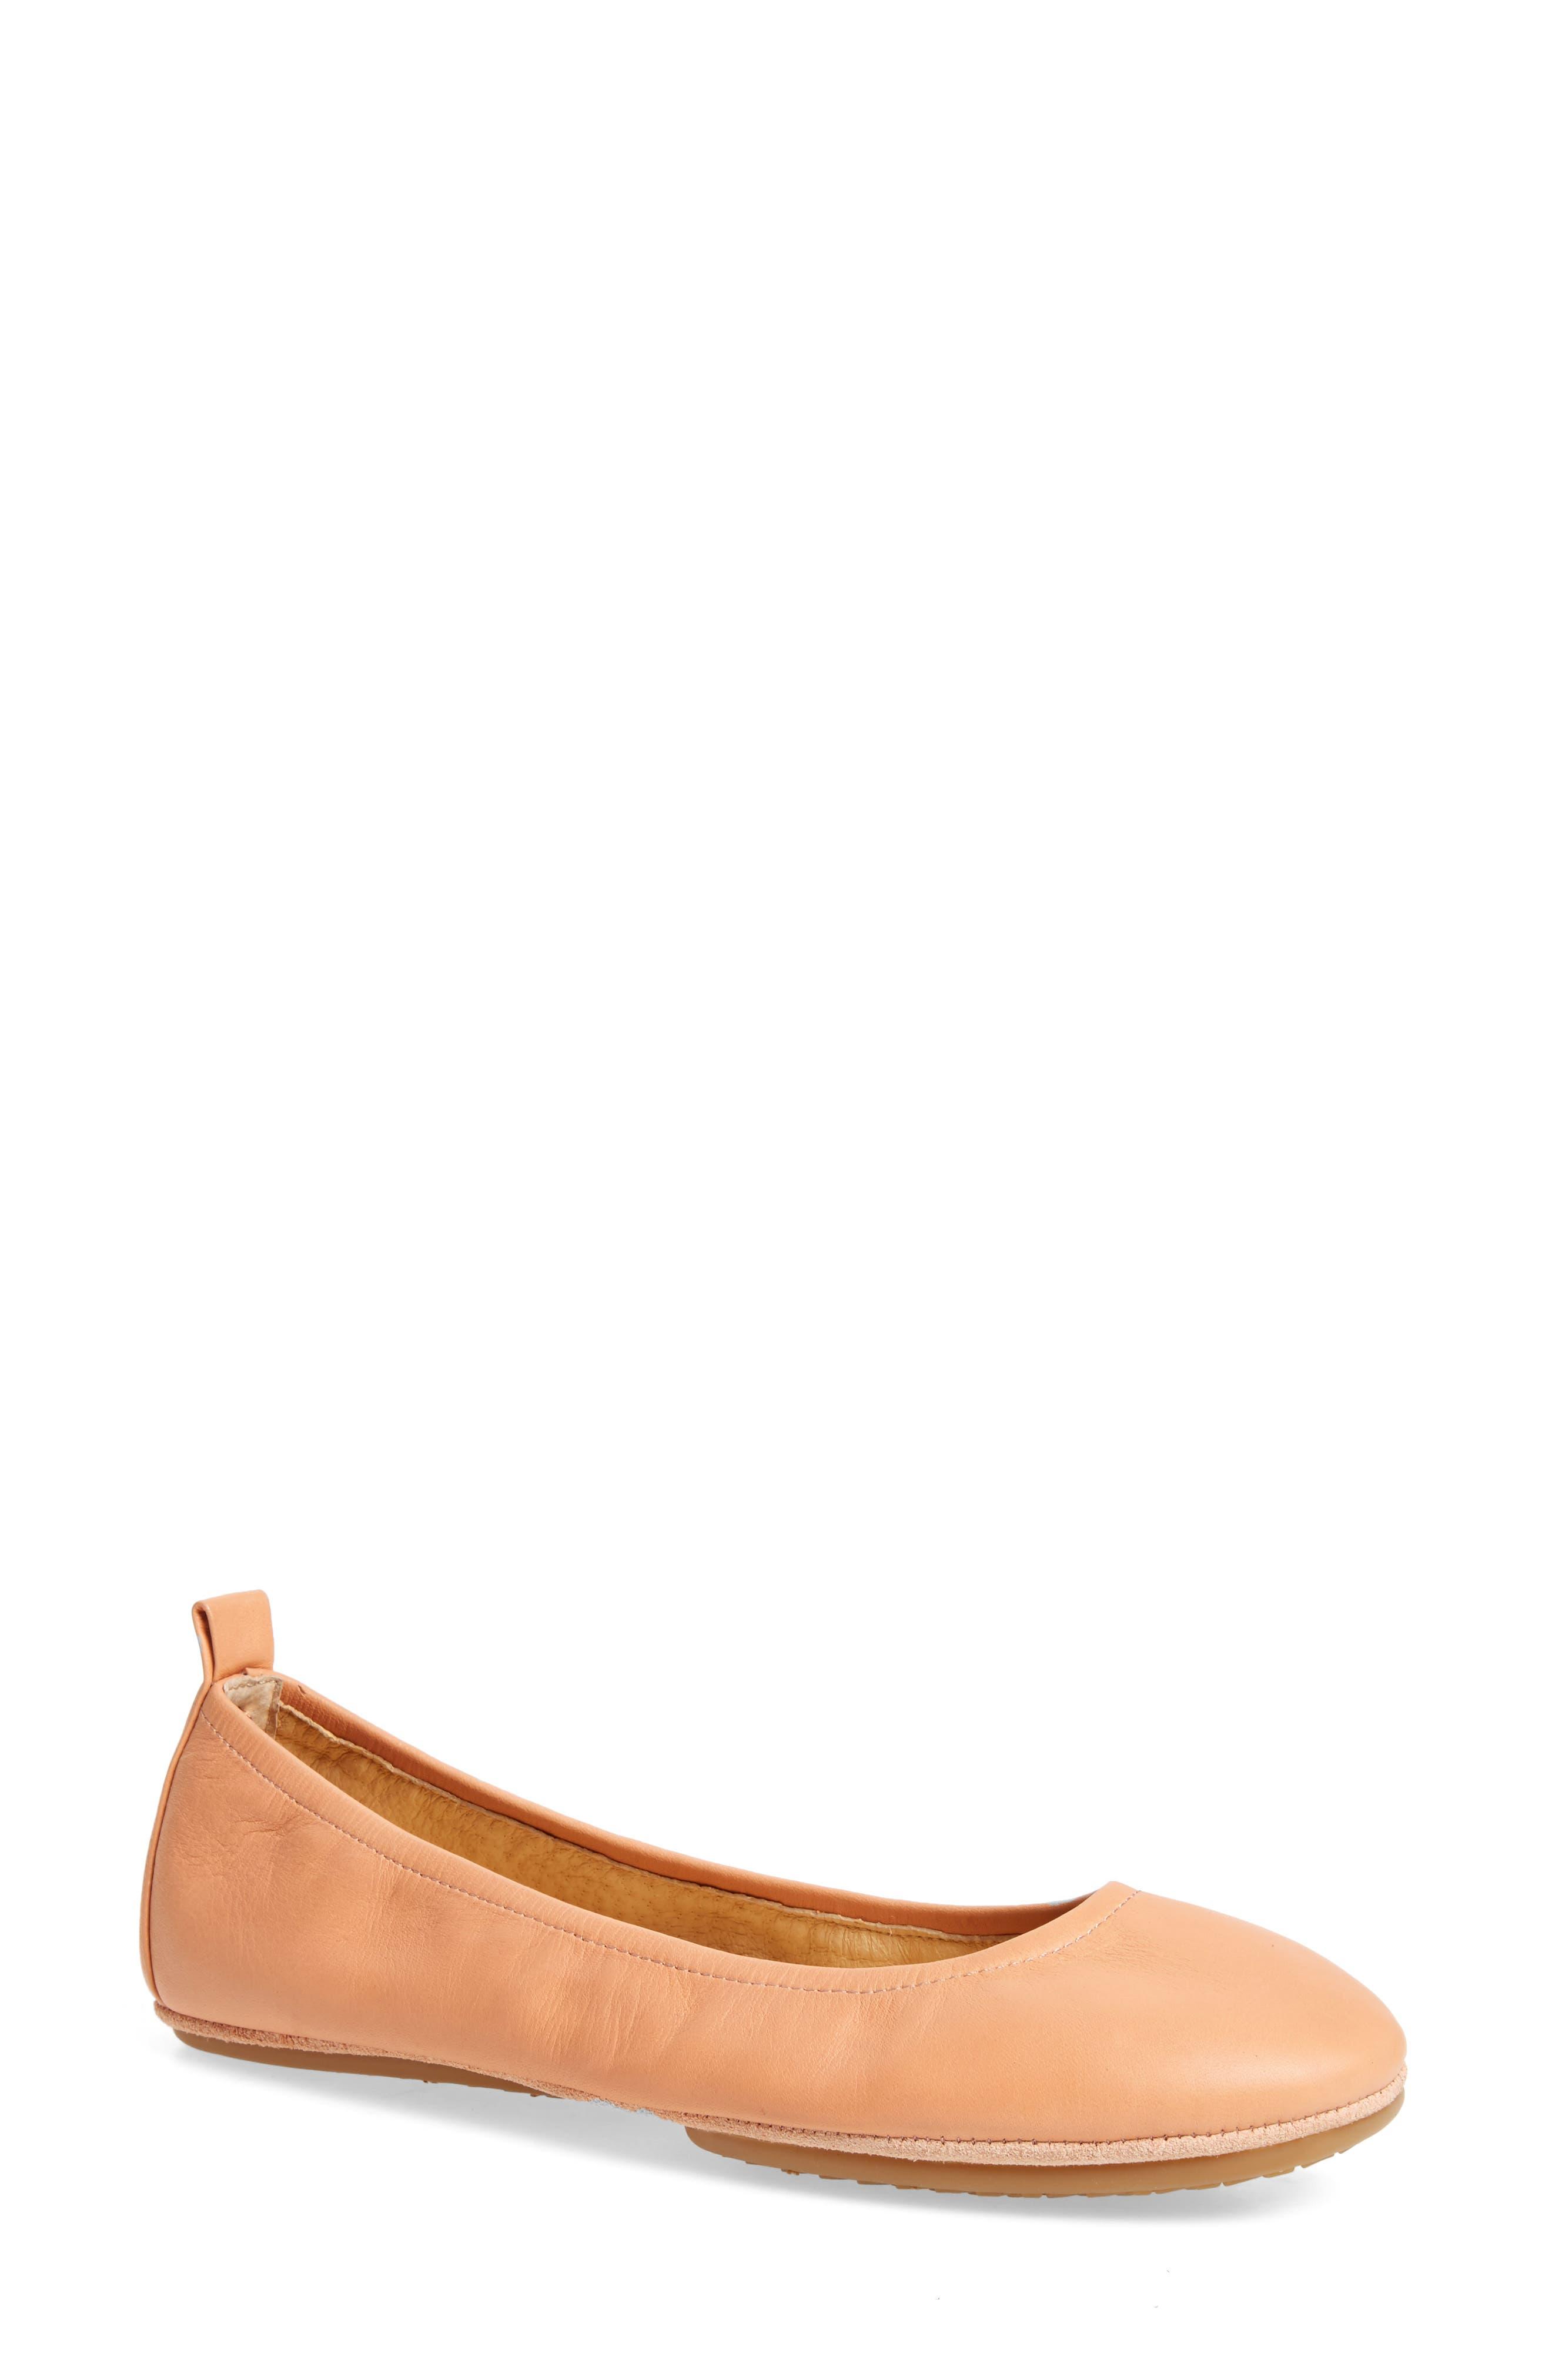 Yosi Samra Stella Foldable Ballet Flat (Women)